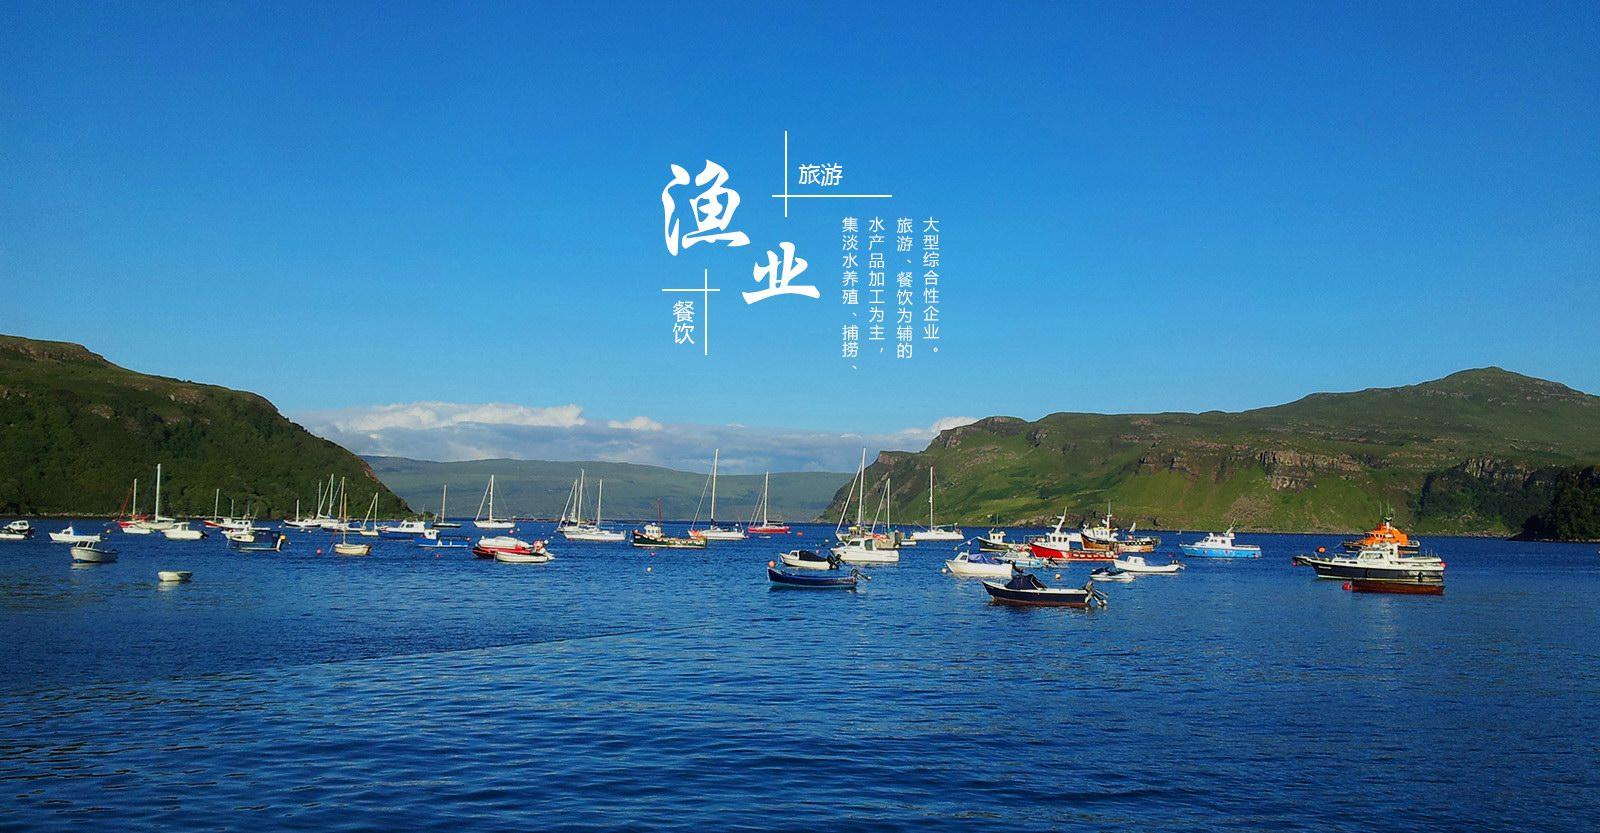 辽宁震撼渔业集团